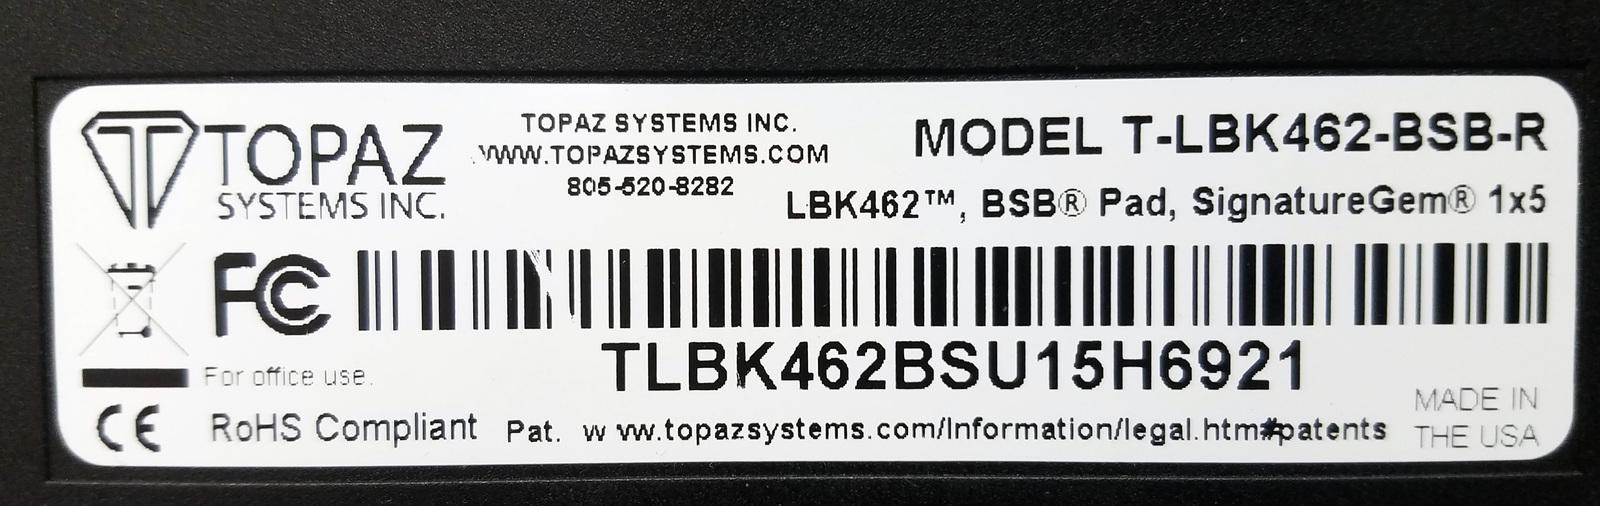 Topaz Systems Signature Pad 1x5 T-LBK462-BSB-R Bin:10